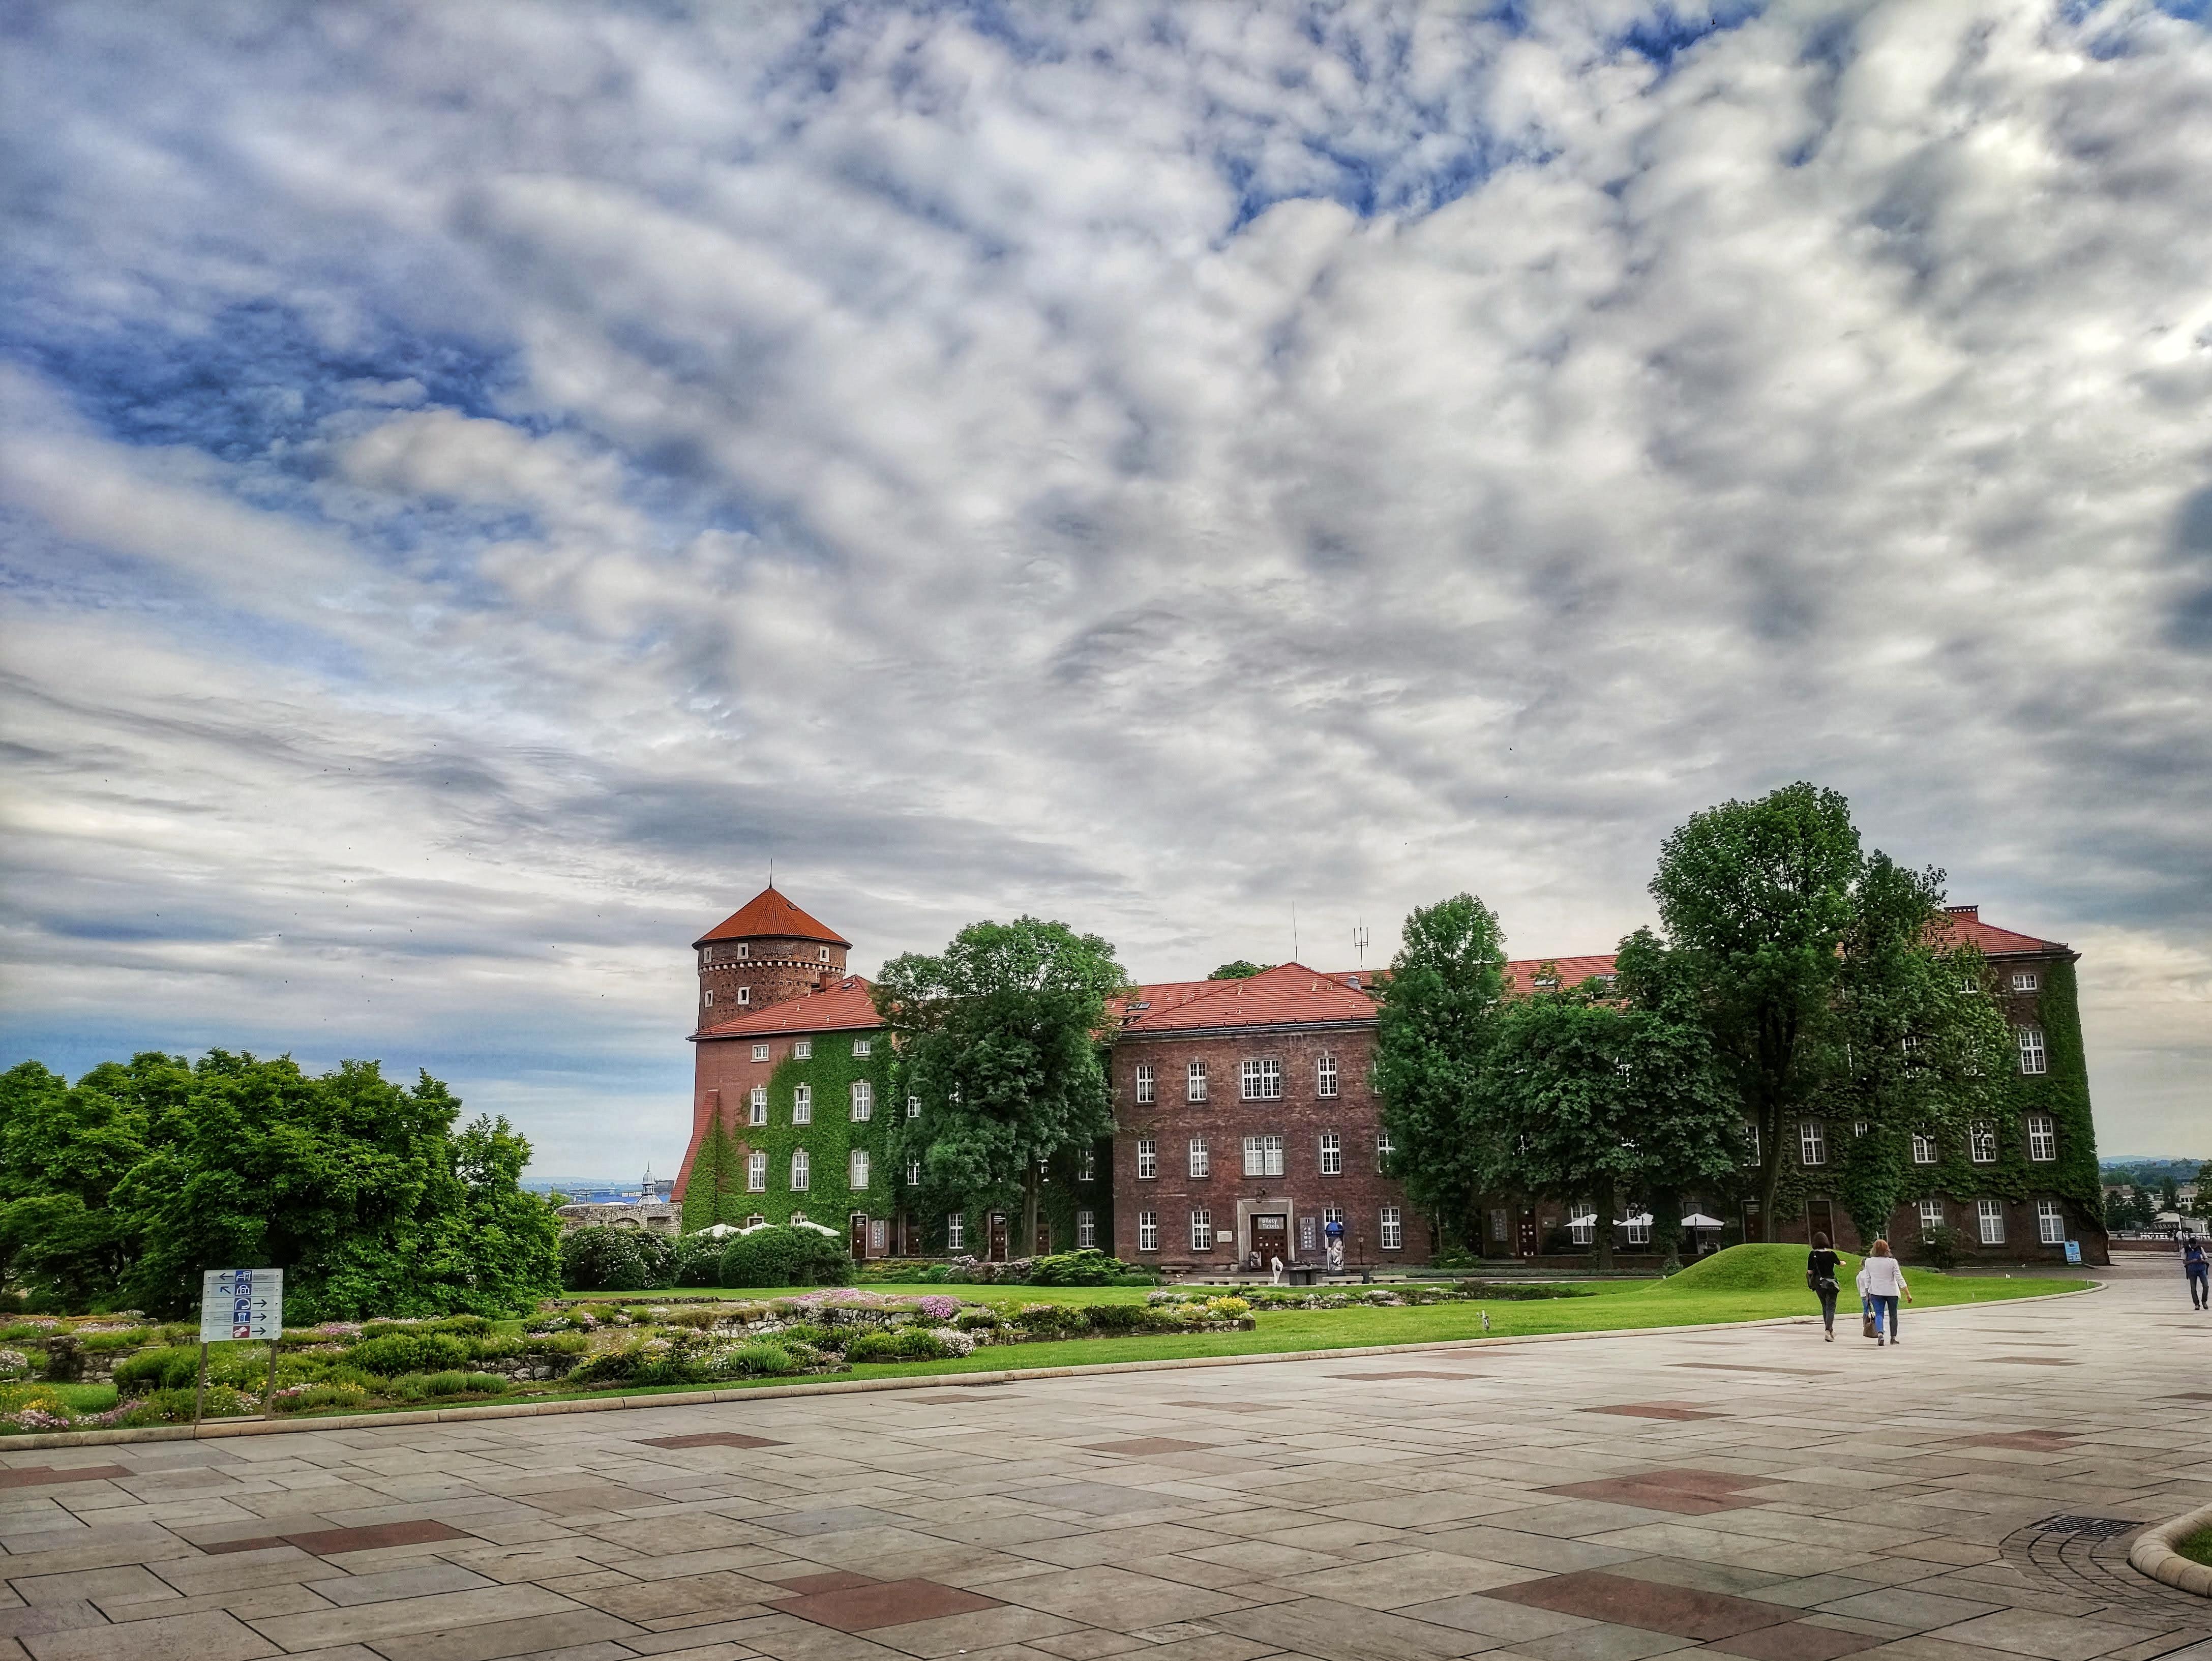 Dzisiejszy widok austriackich zabudowań Wzgórza Wawelskiego, źródło: archiwum autorki